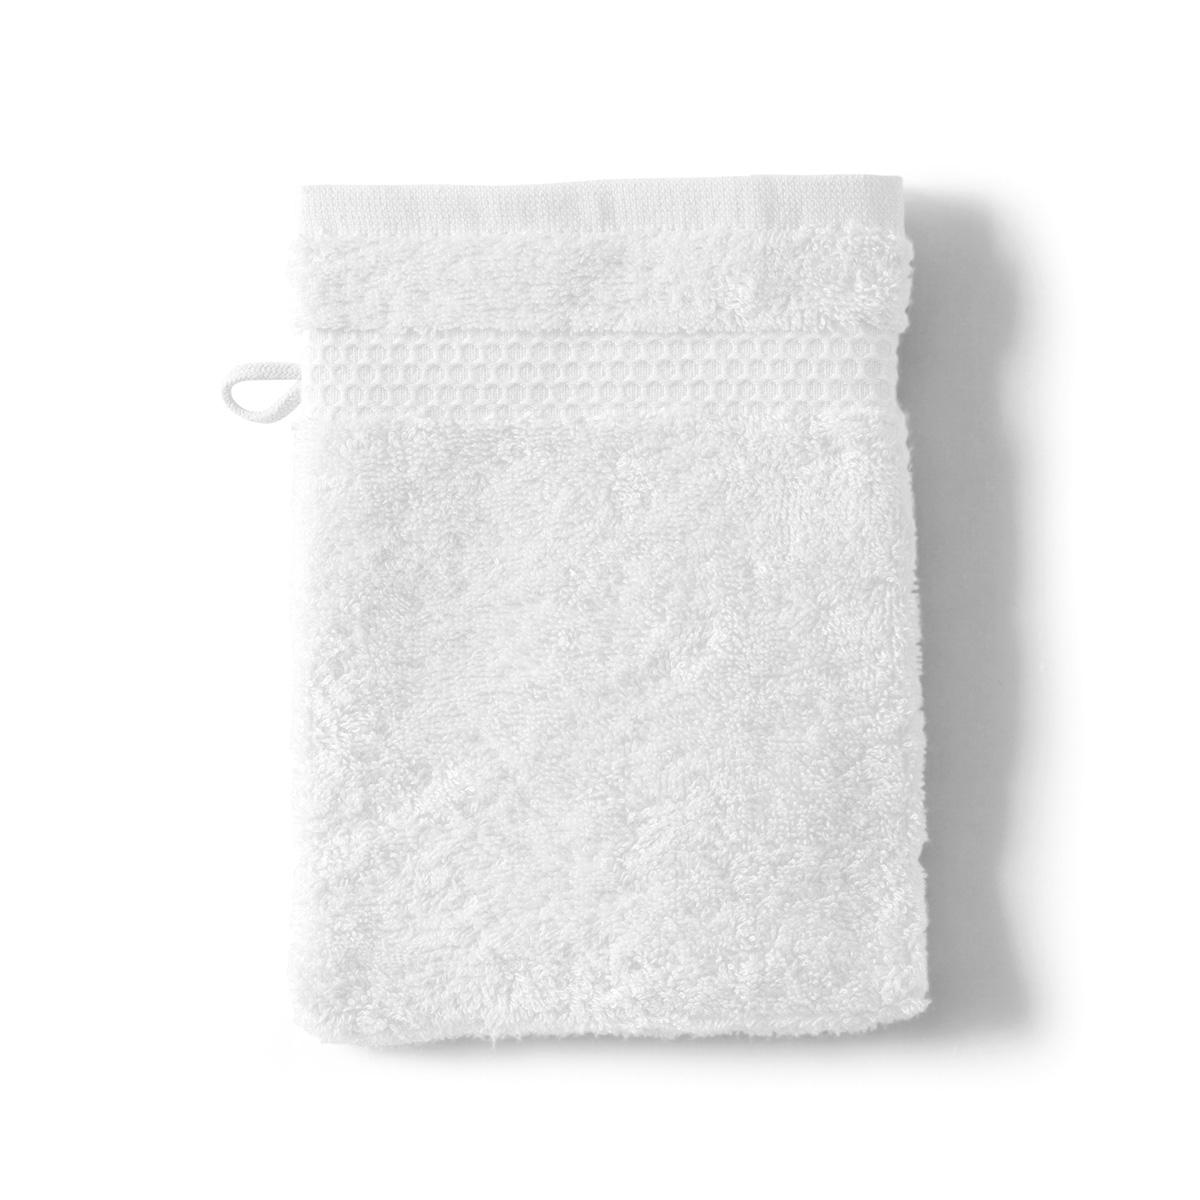 Gant Toilette Uni 600g Blanc | Linge de bain | Tradition des Vosges